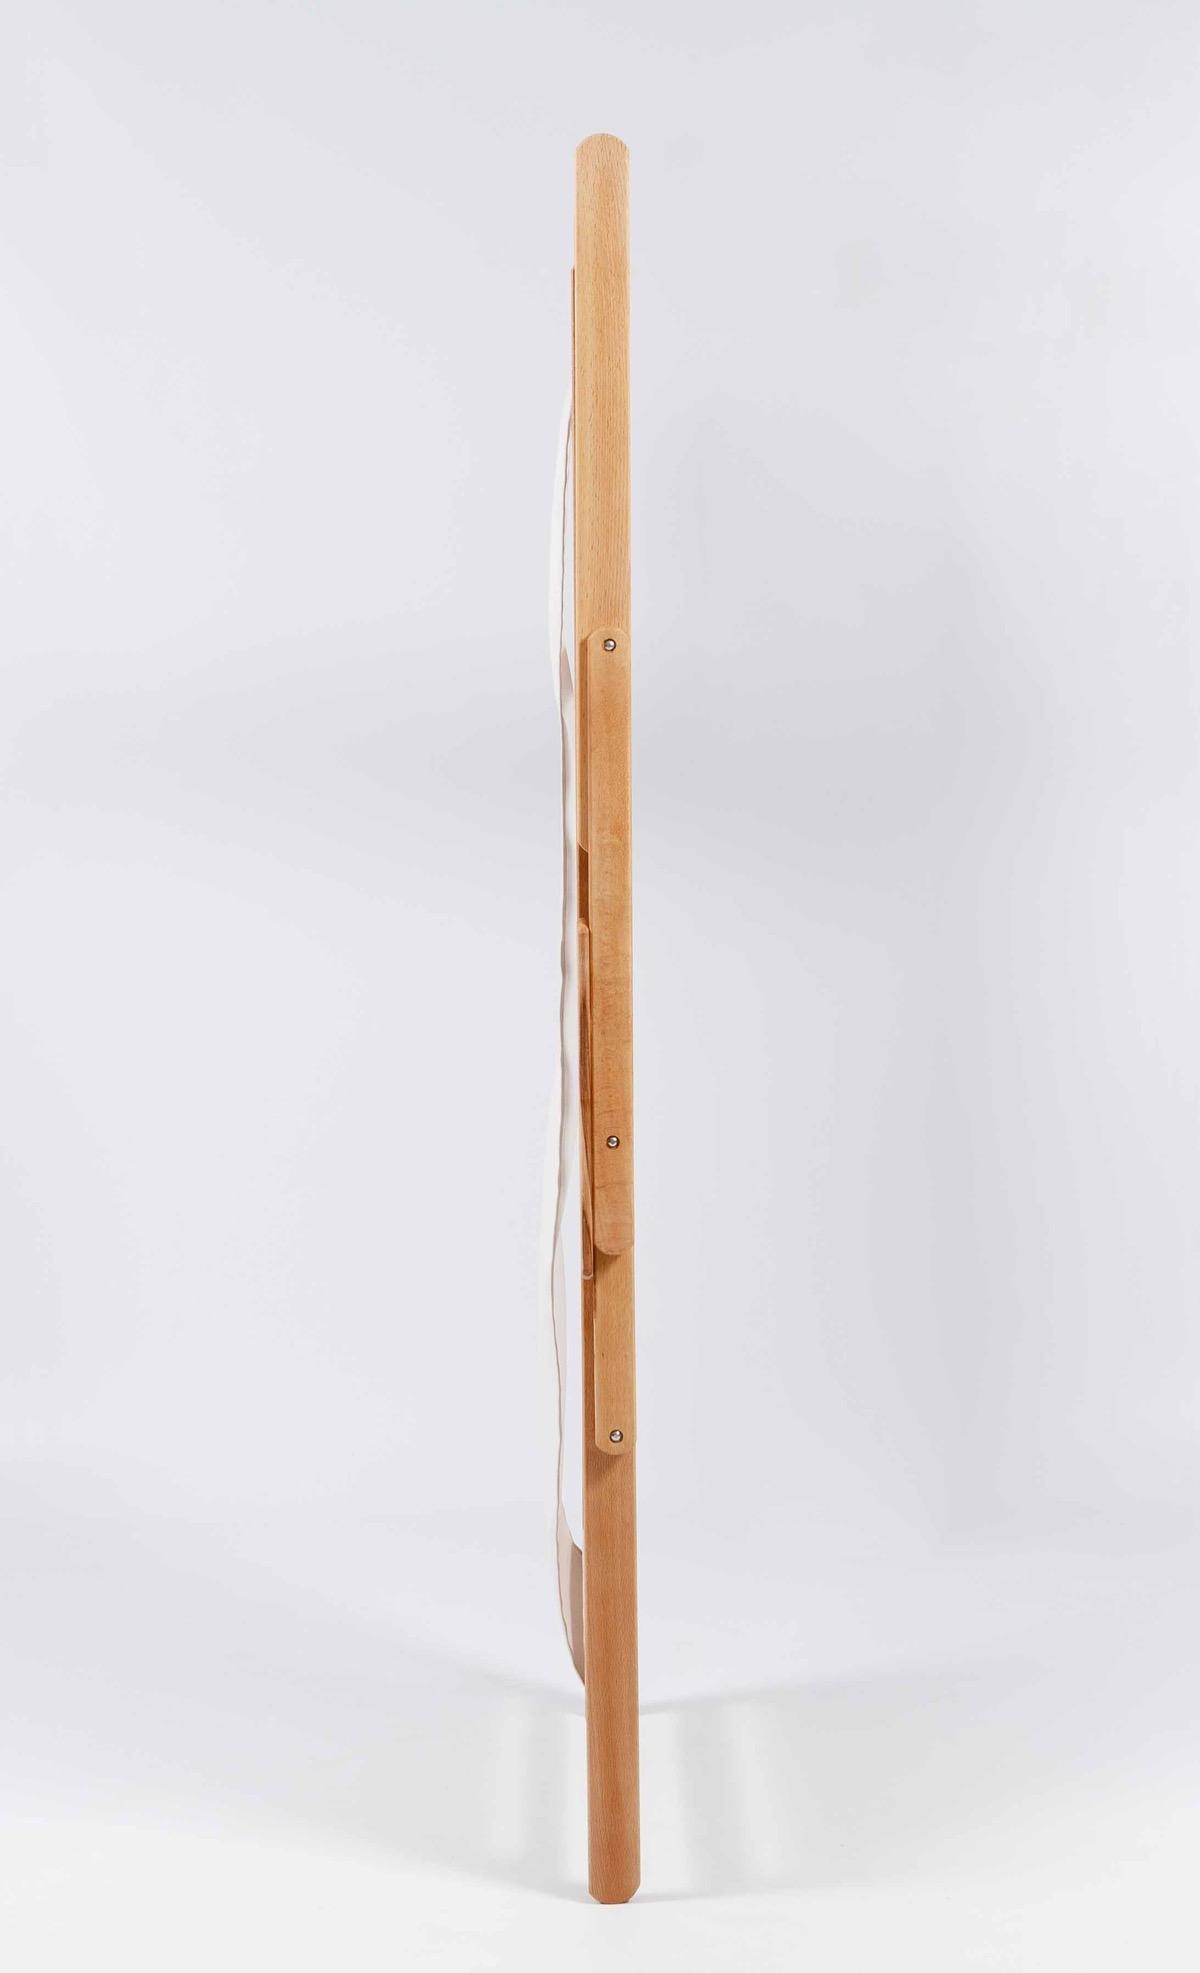 Hamacas de madera y lona interesting moneyy exterior de - Hamacas de madera y lona ...